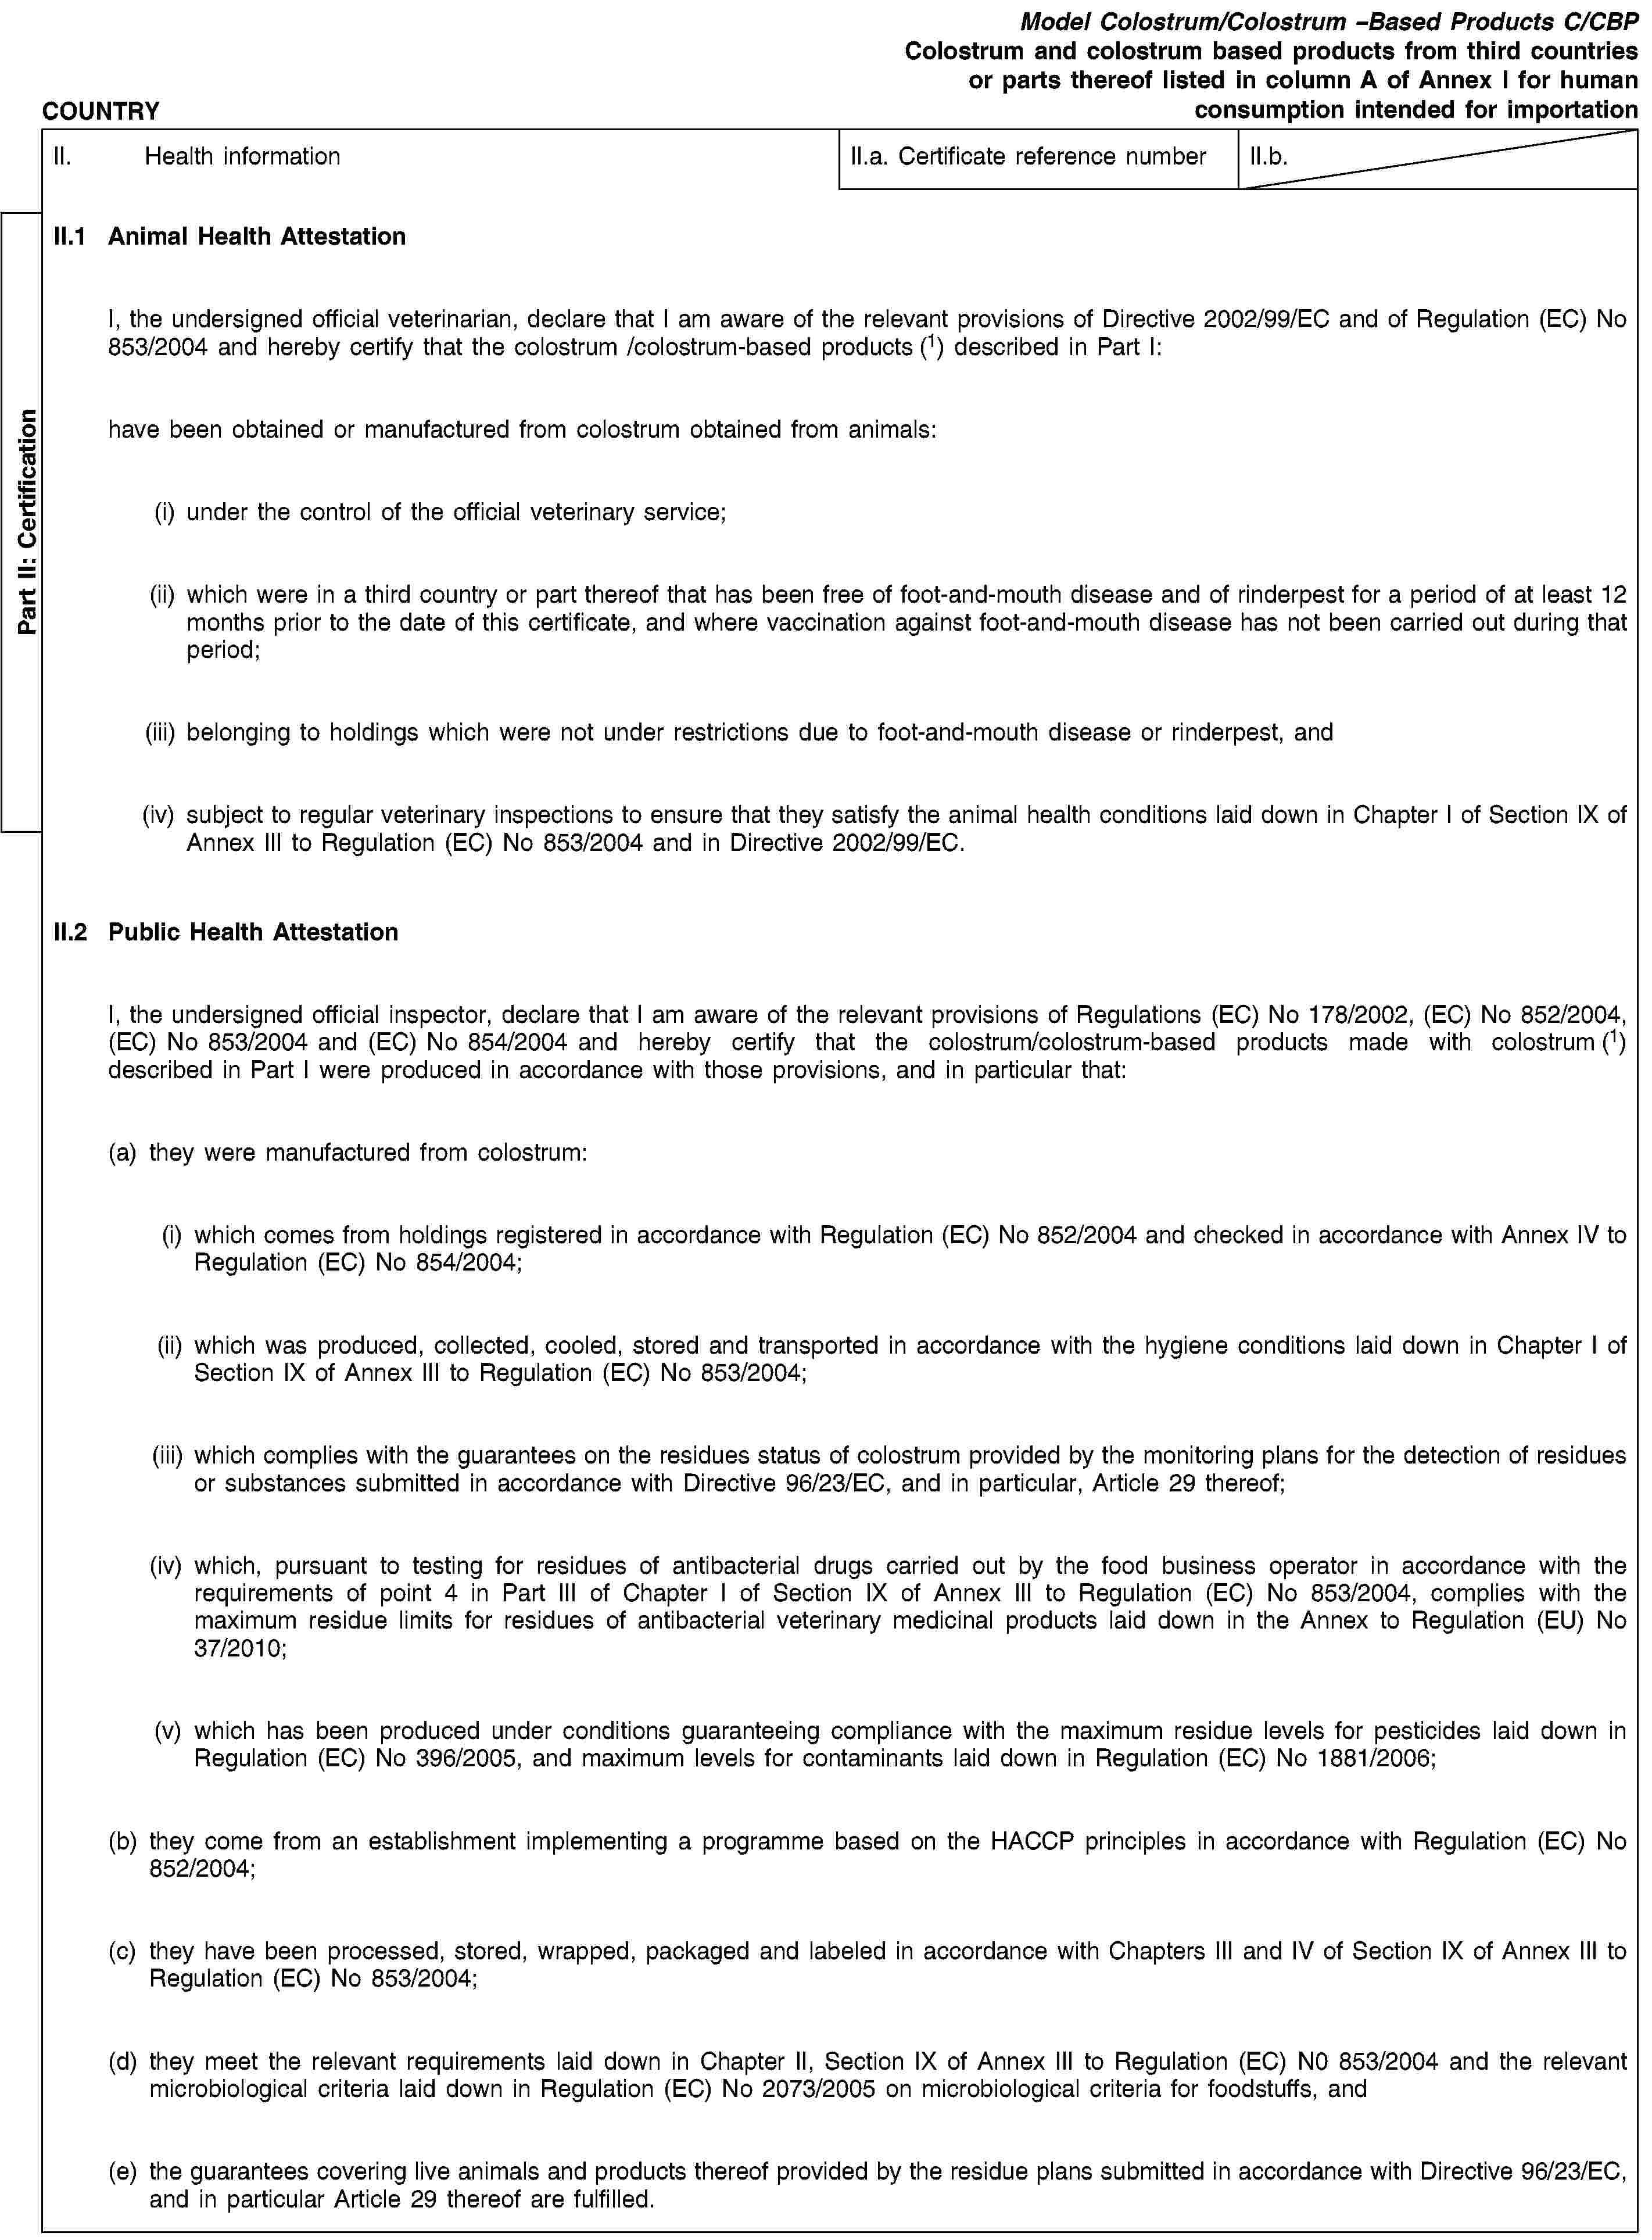 eur lex r en eur lex part ii certificationcountrymodel colostrum colostrum based products c cbpcolostrum and colostrum based